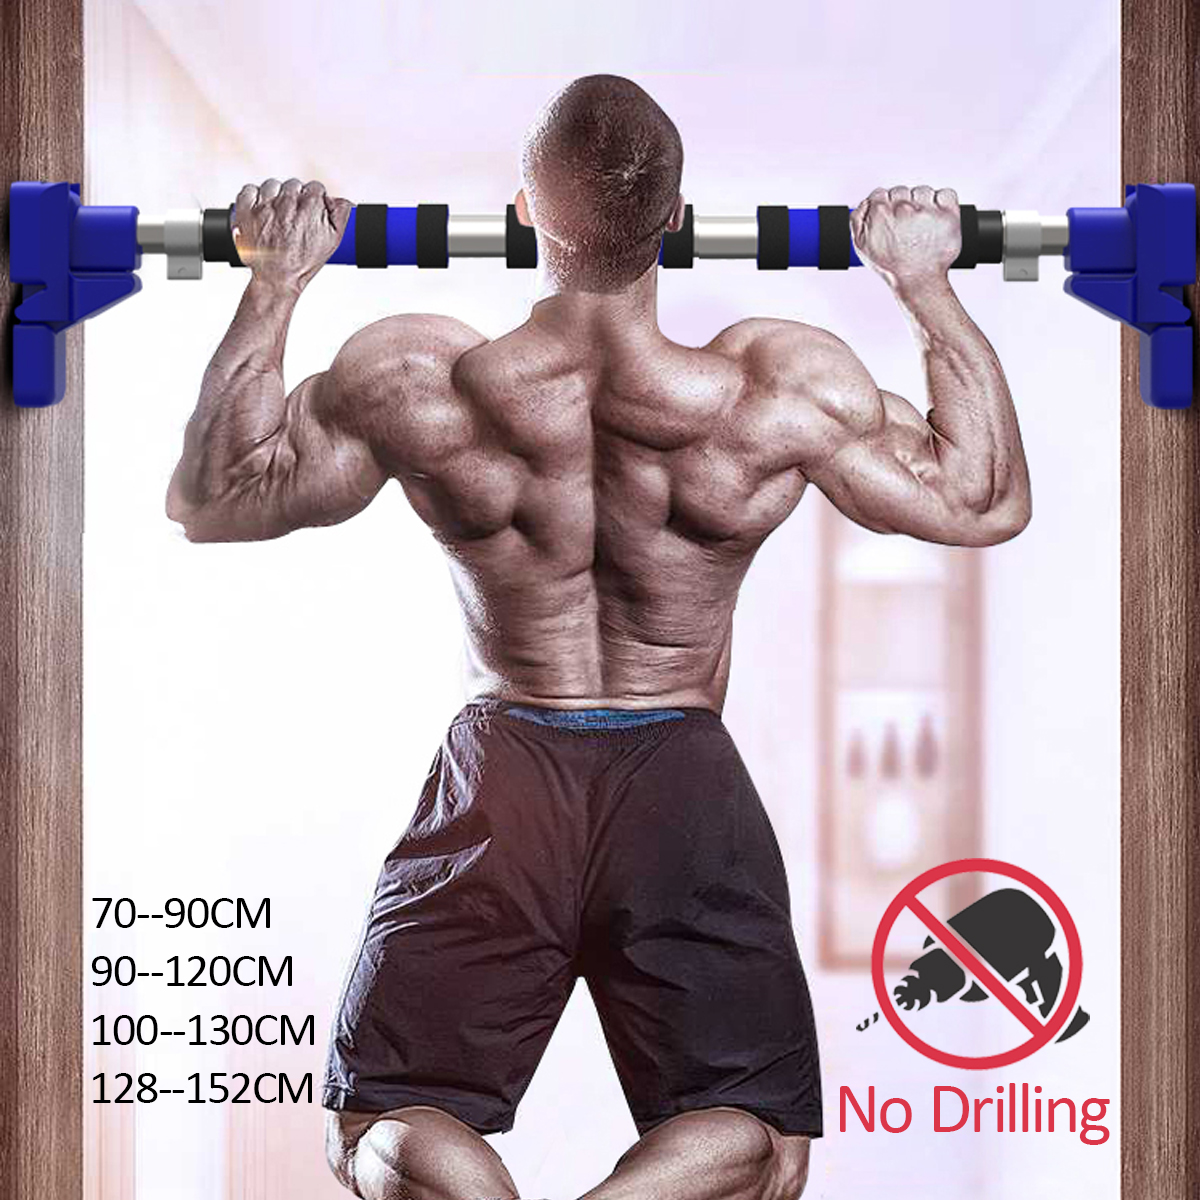 Drzwi poziome bary stalowe 500kg domowa siłownia trening podbródek push Up Pull Up trening Bar Sport Fitness przysiady sprzęt Heavy Duty